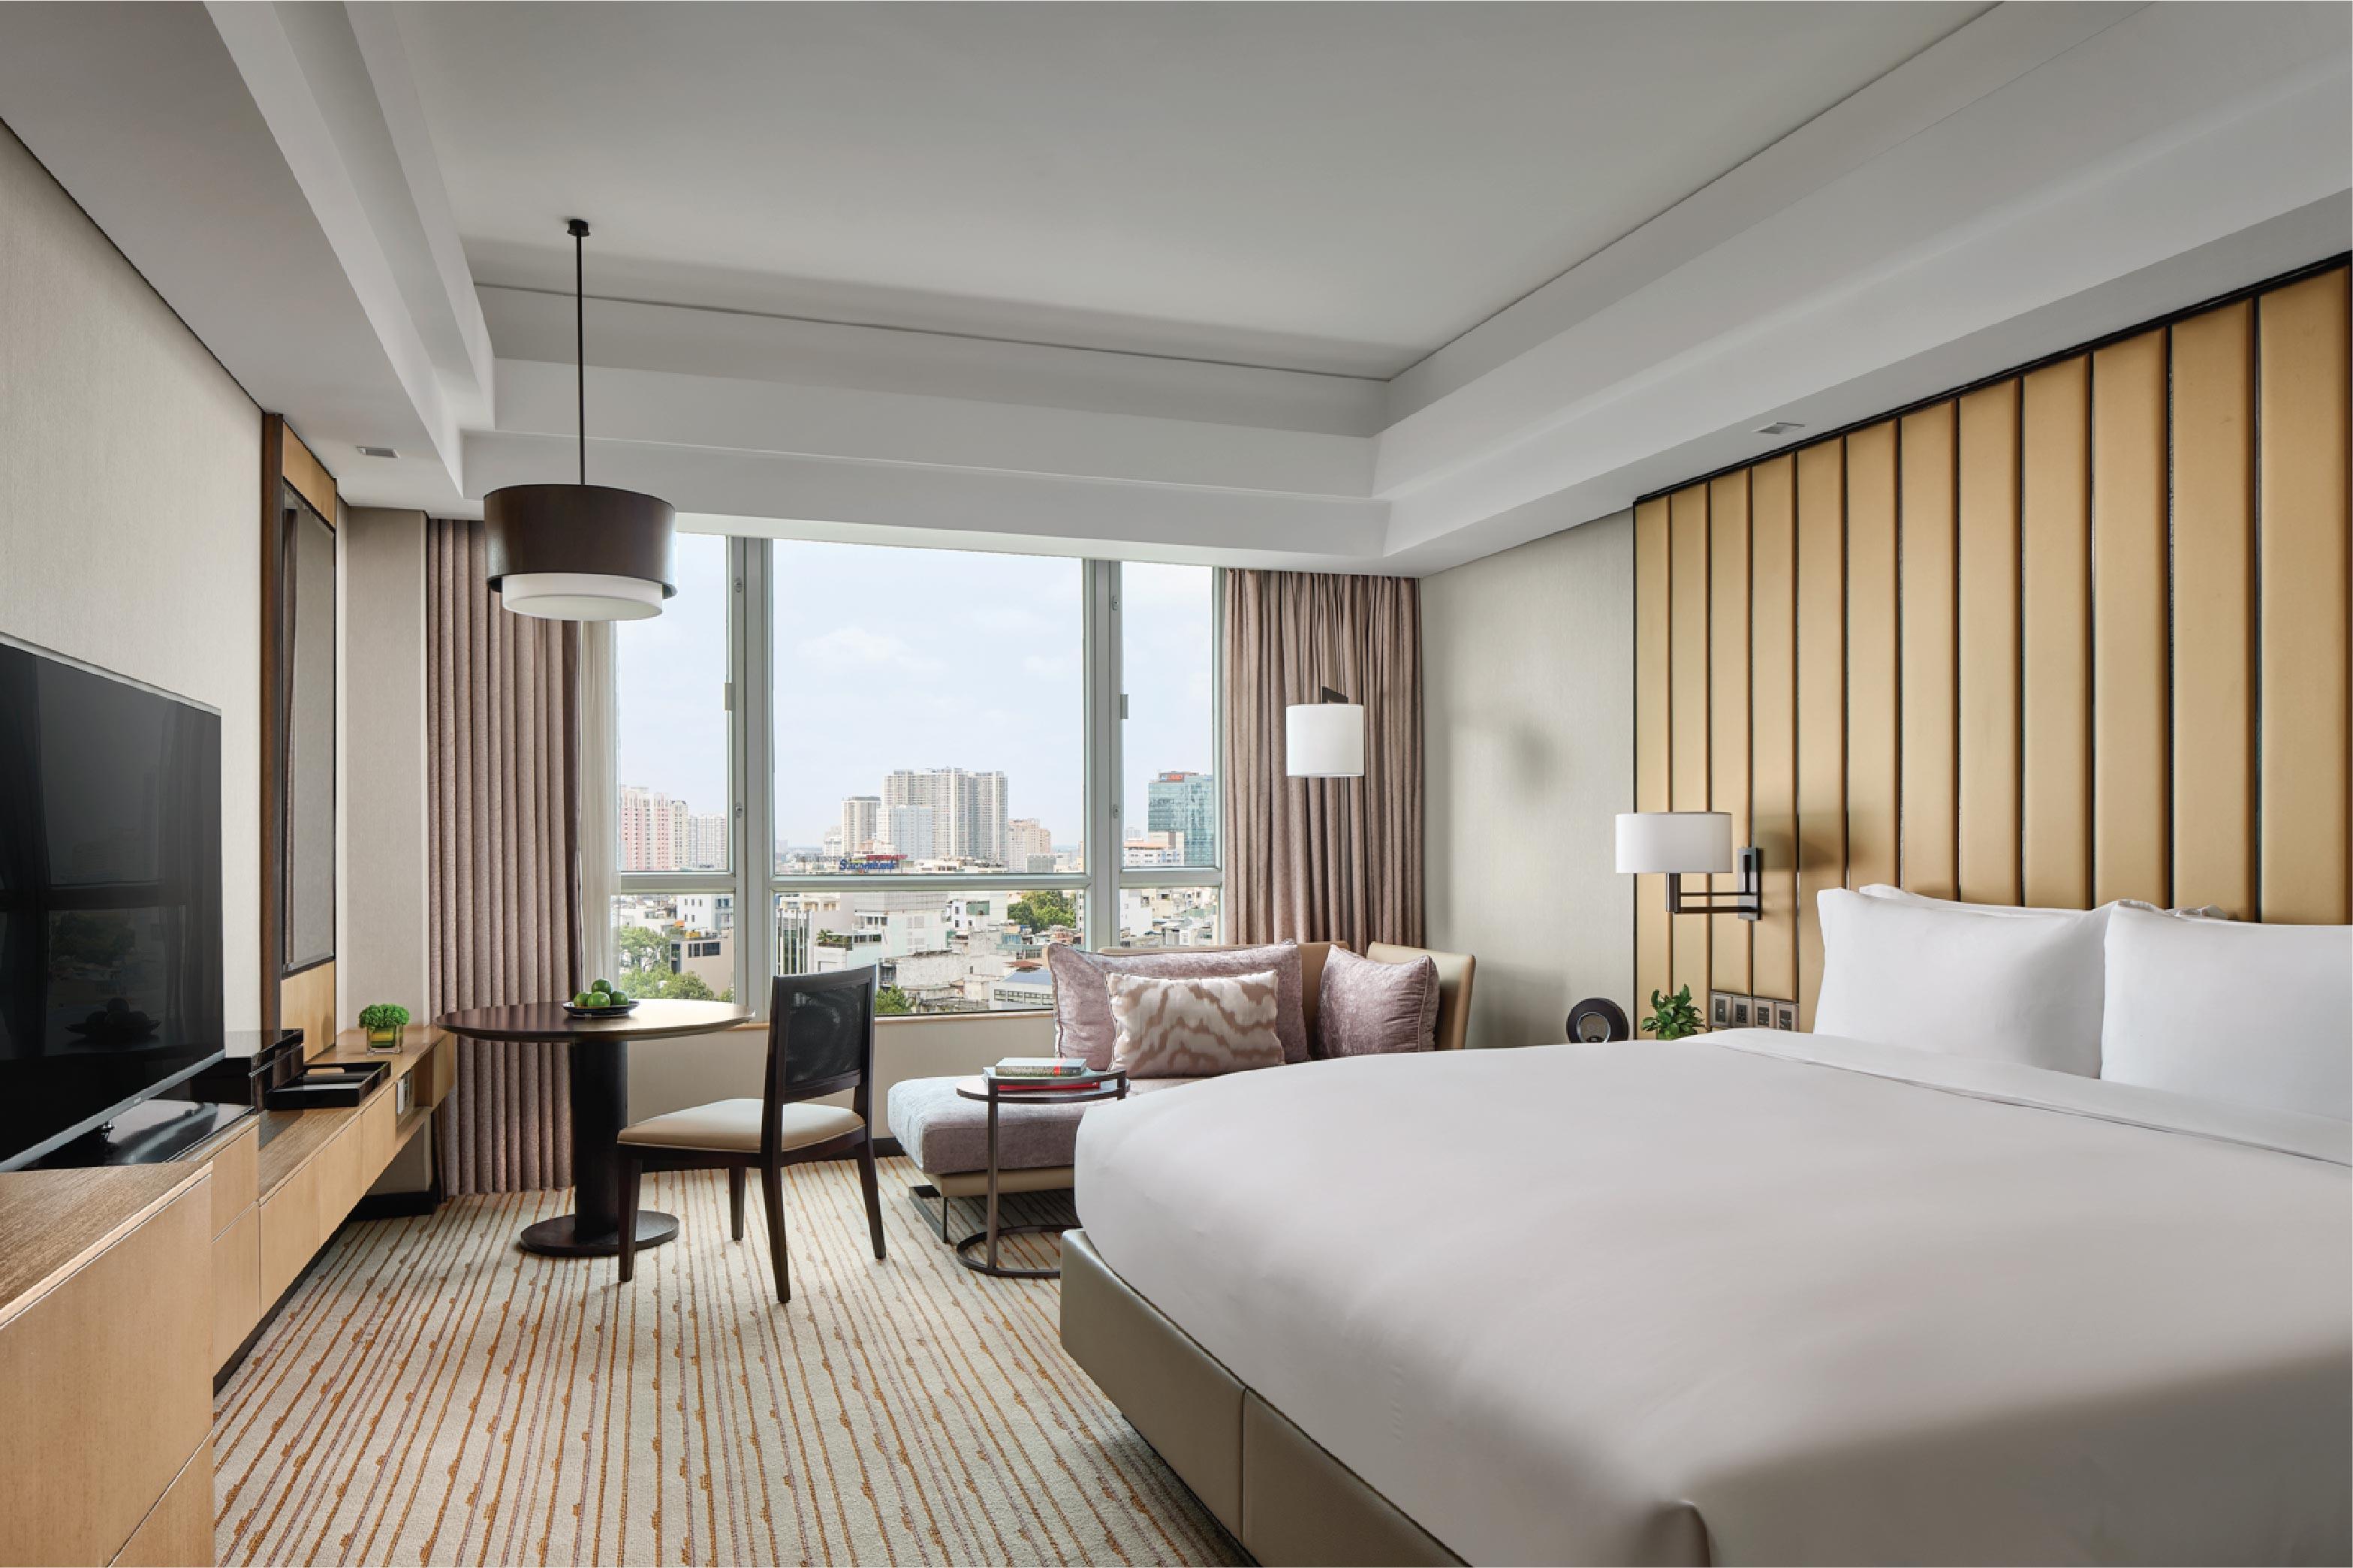 西贡酒店超豪华客房